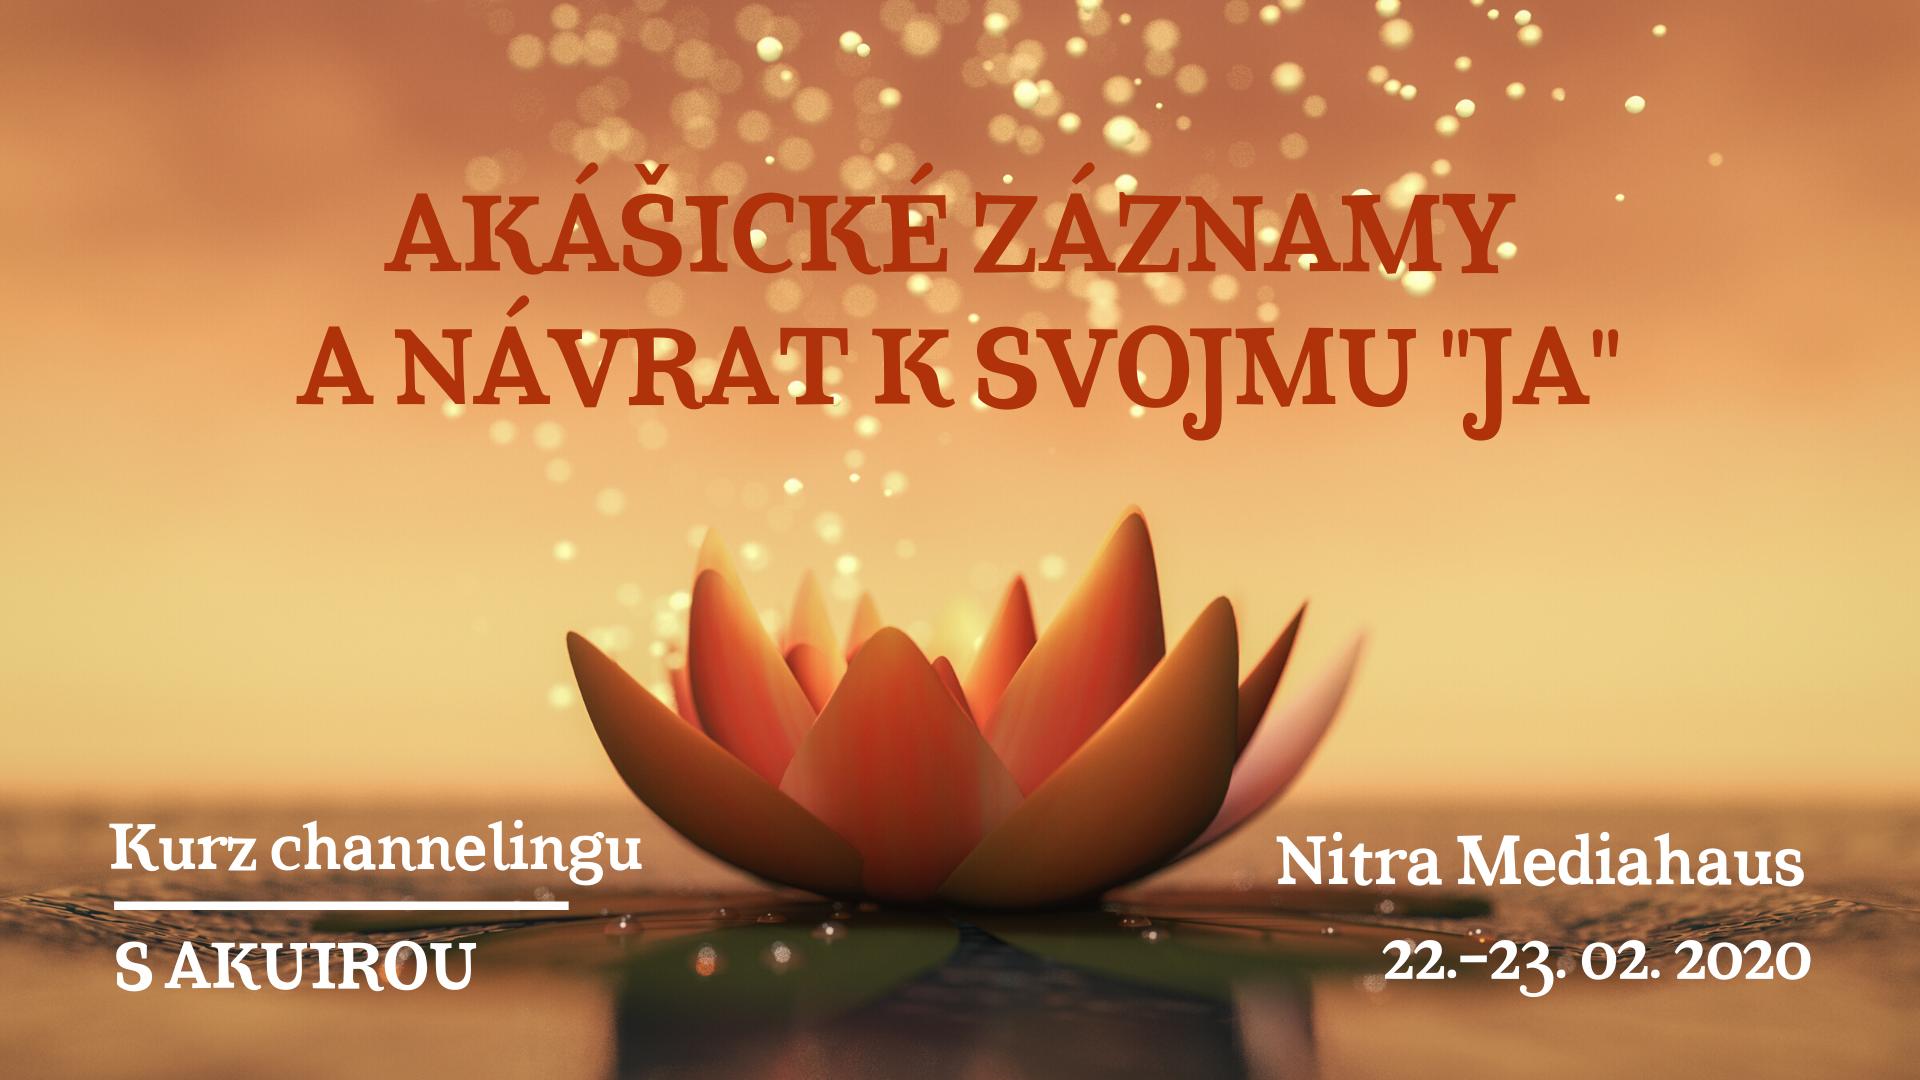 Kurz Akášické záznamy 22 - 23 február 2020 Akuira Nitra